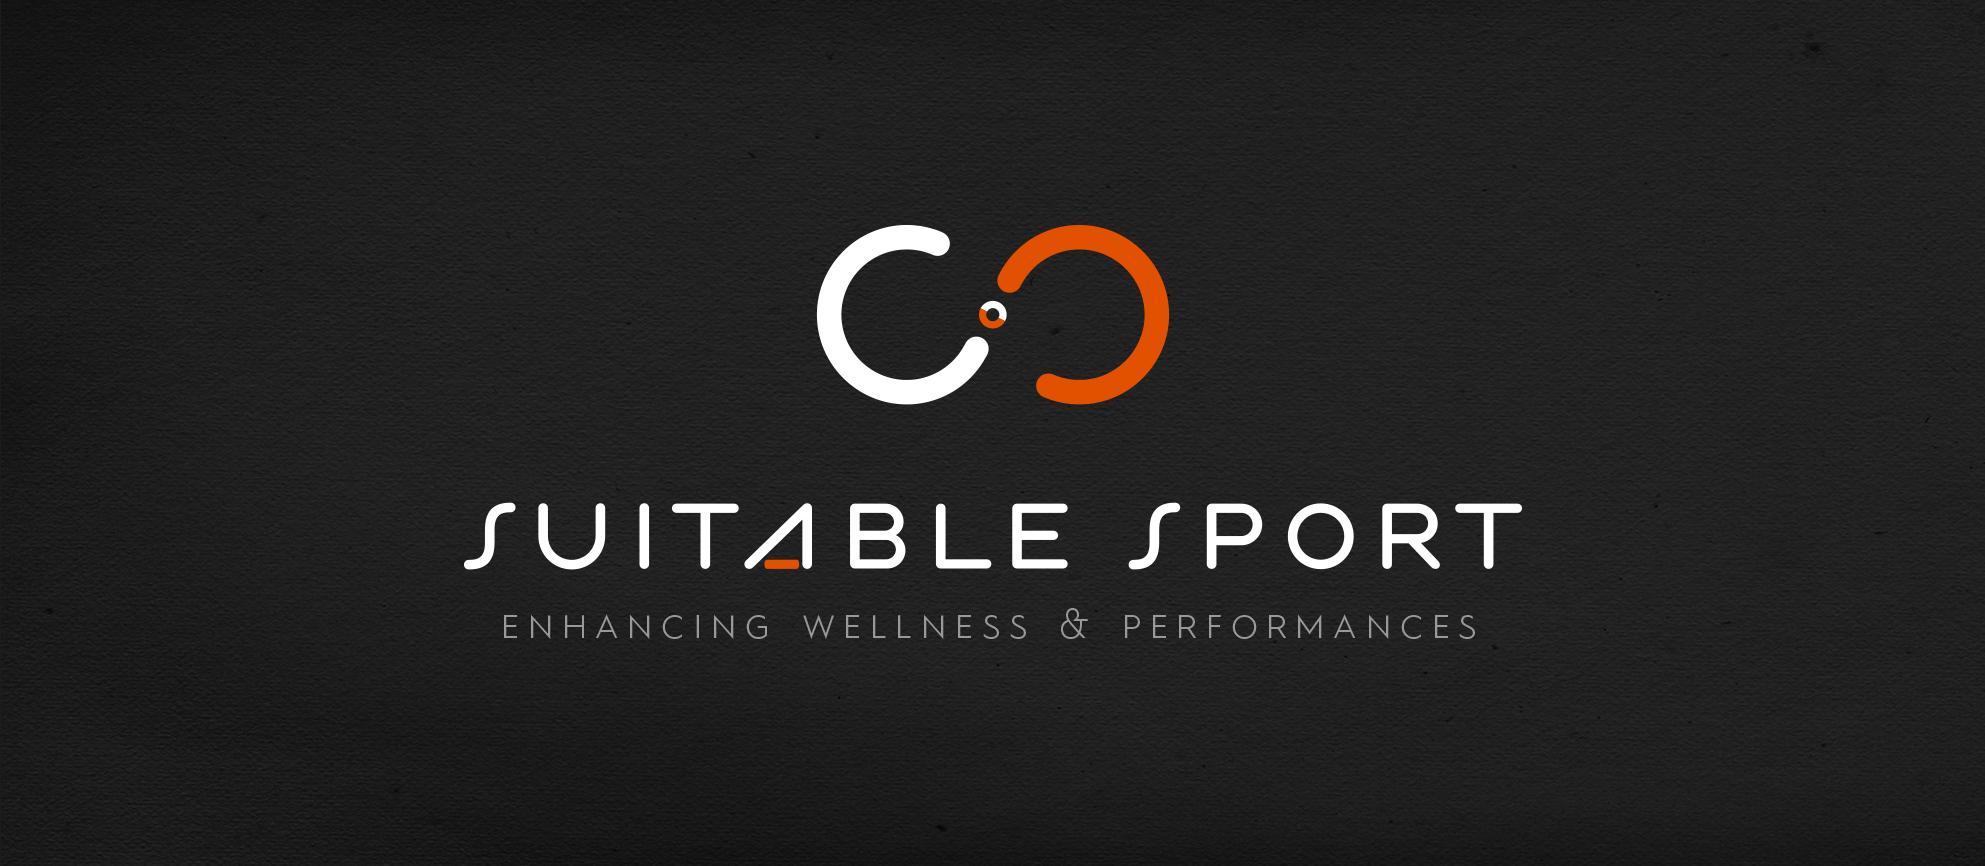 SUITABLE SPORT   branding